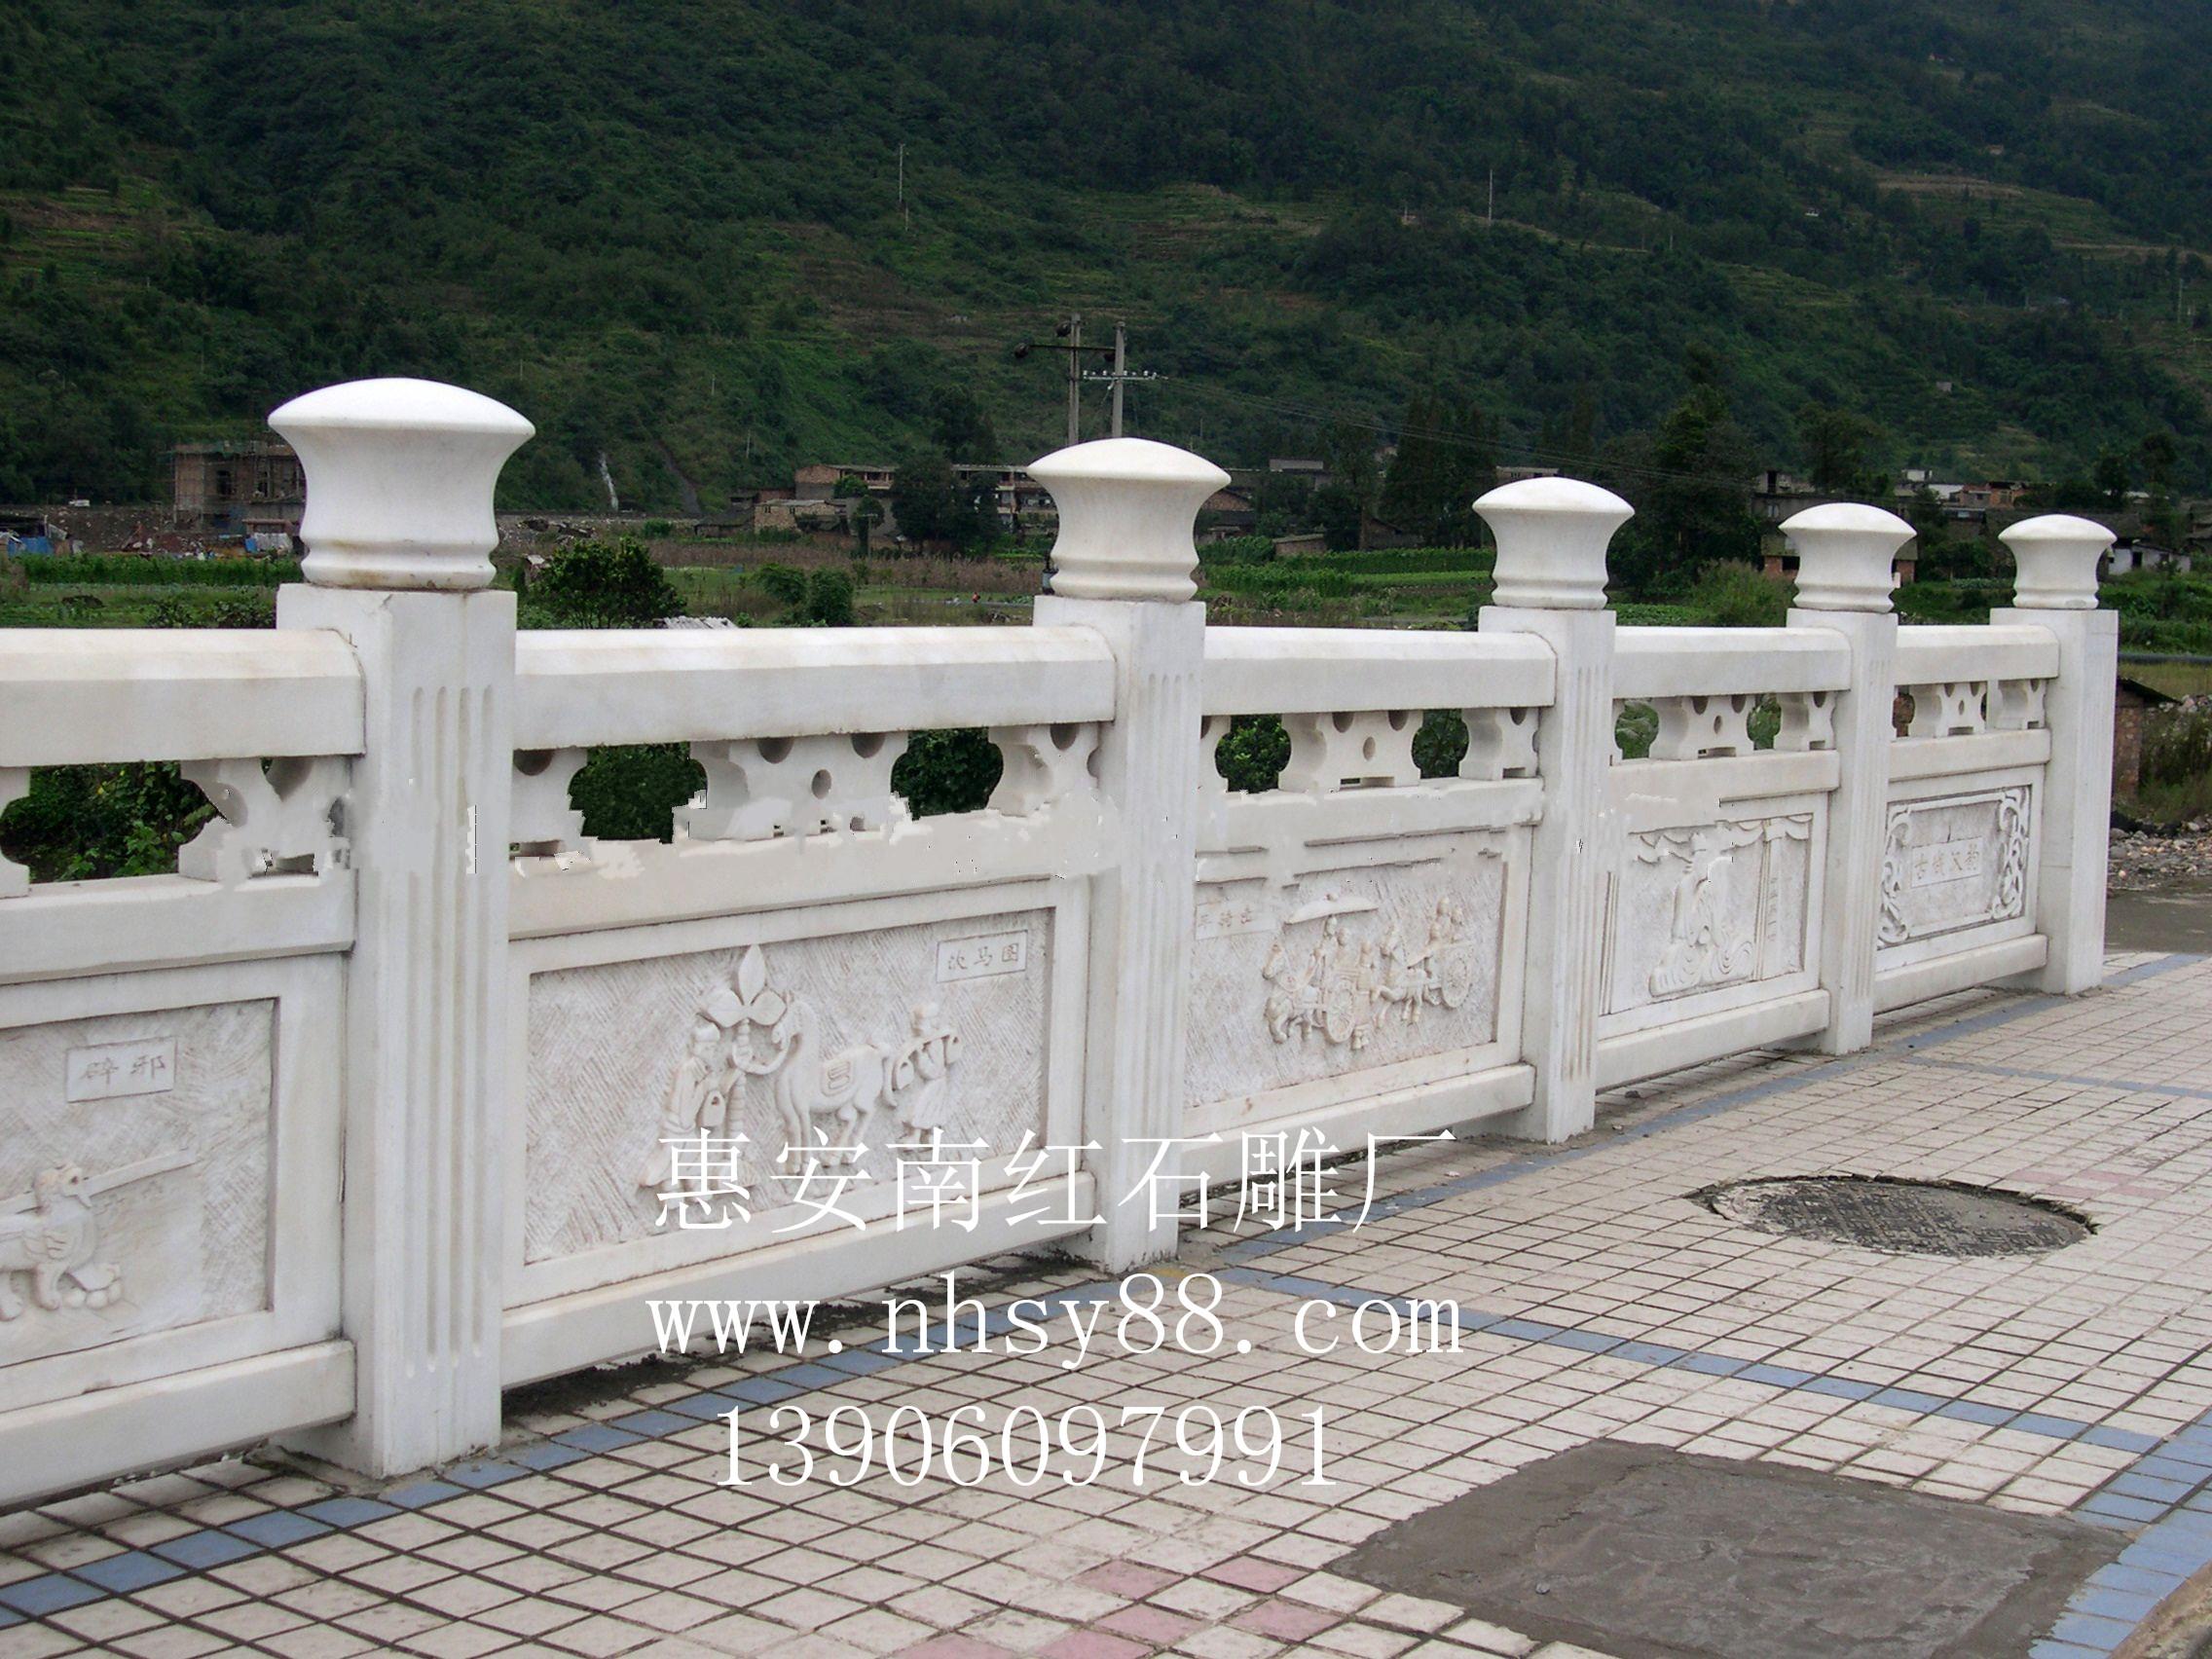 惠安石雕|石雕栏杆 - 惠安南红石业有限公司